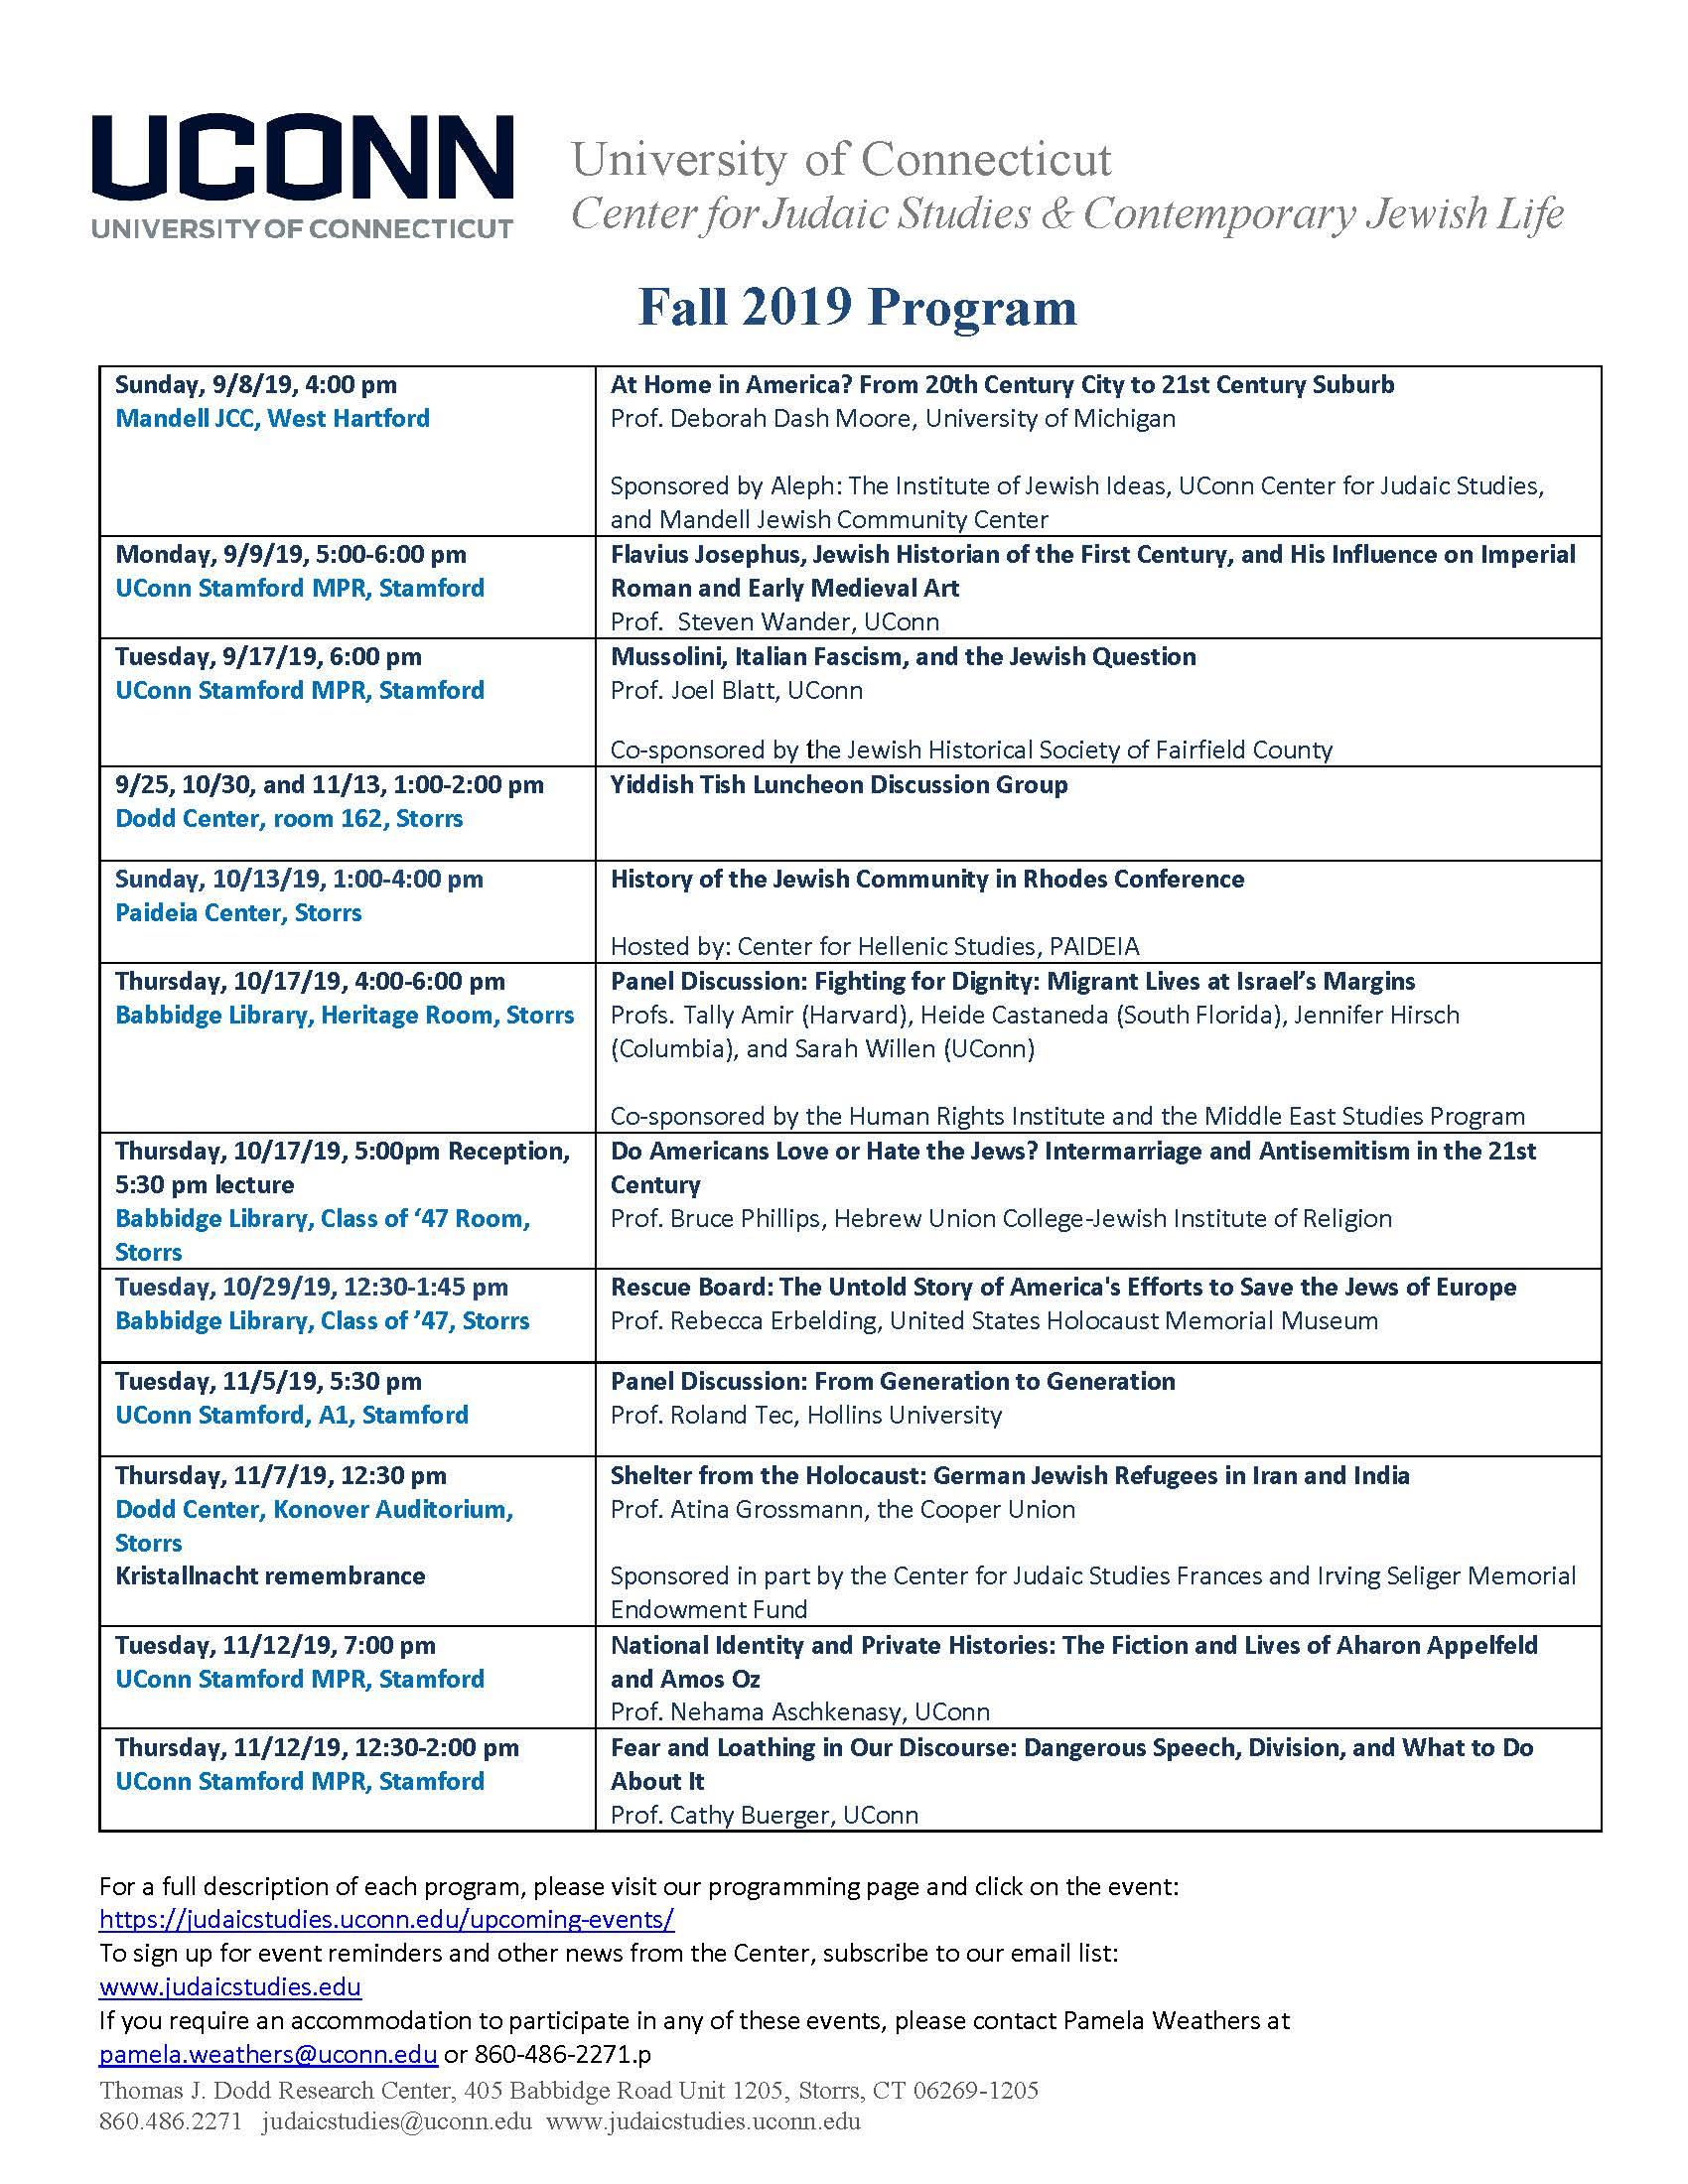 Fall 2019 Program UConn Center for Judaic Studies